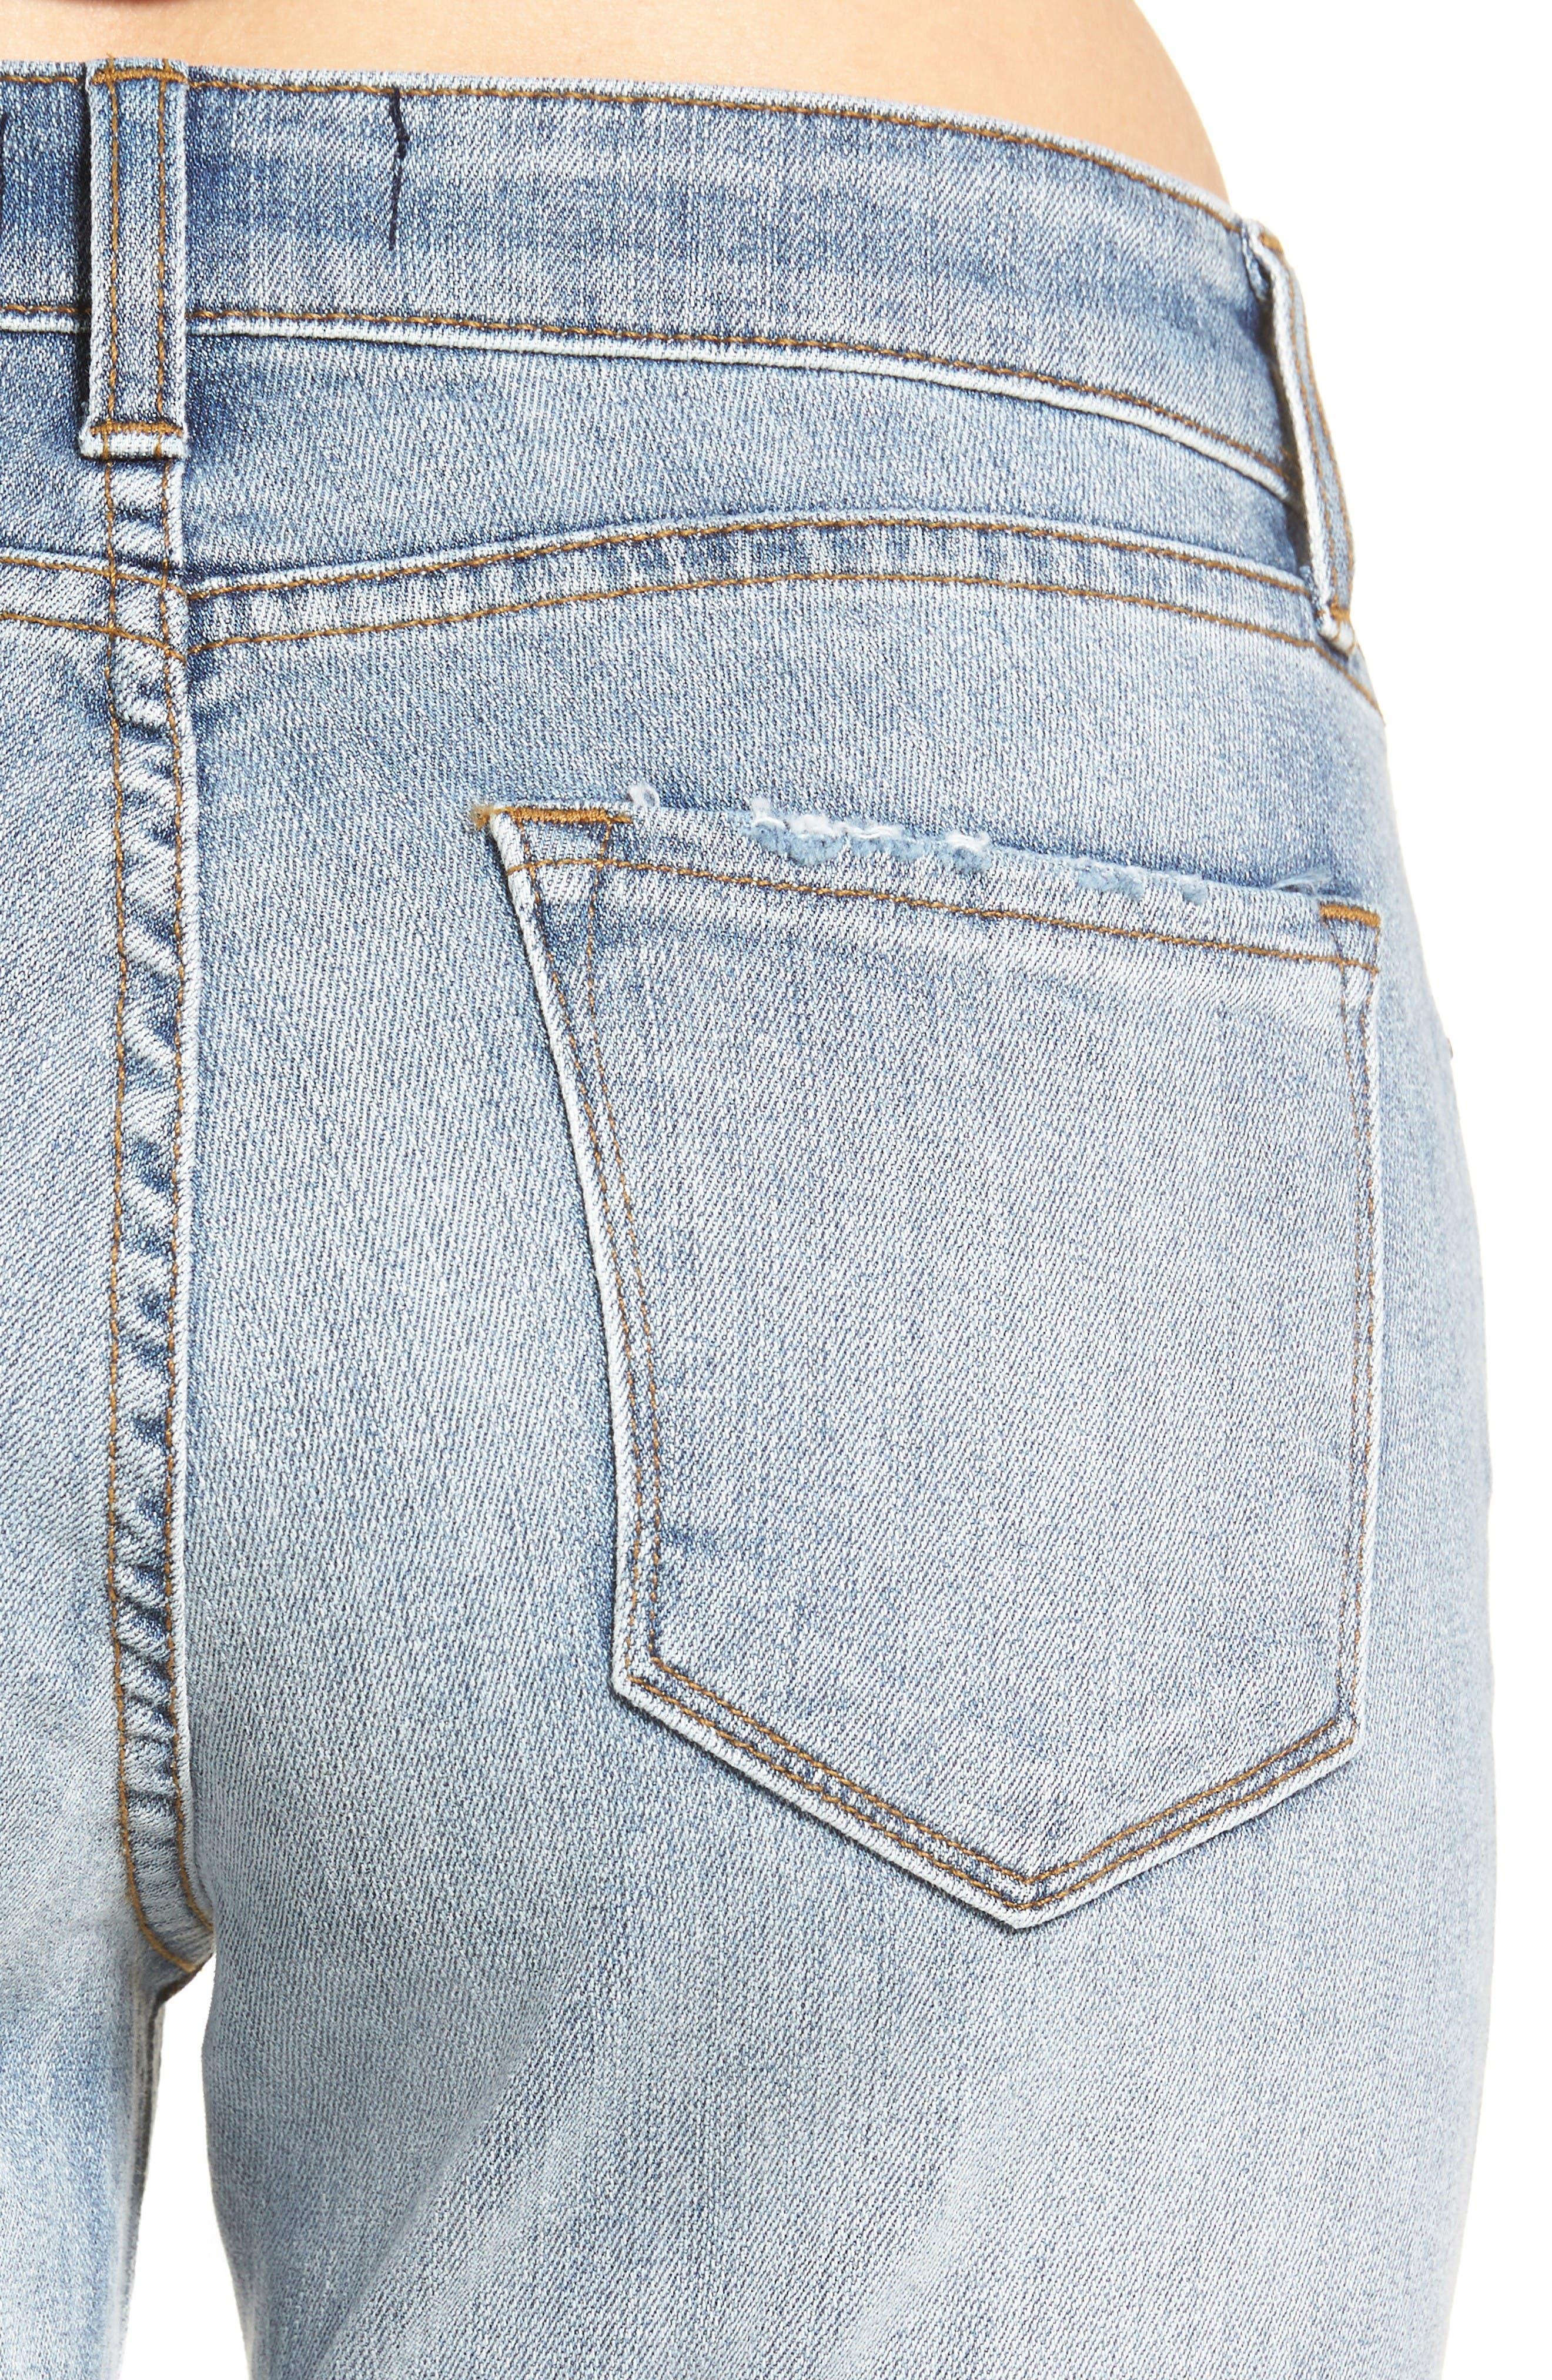 Alternate Image 4  - STS Blue Fray Hem Taylor Tomboy Jeans